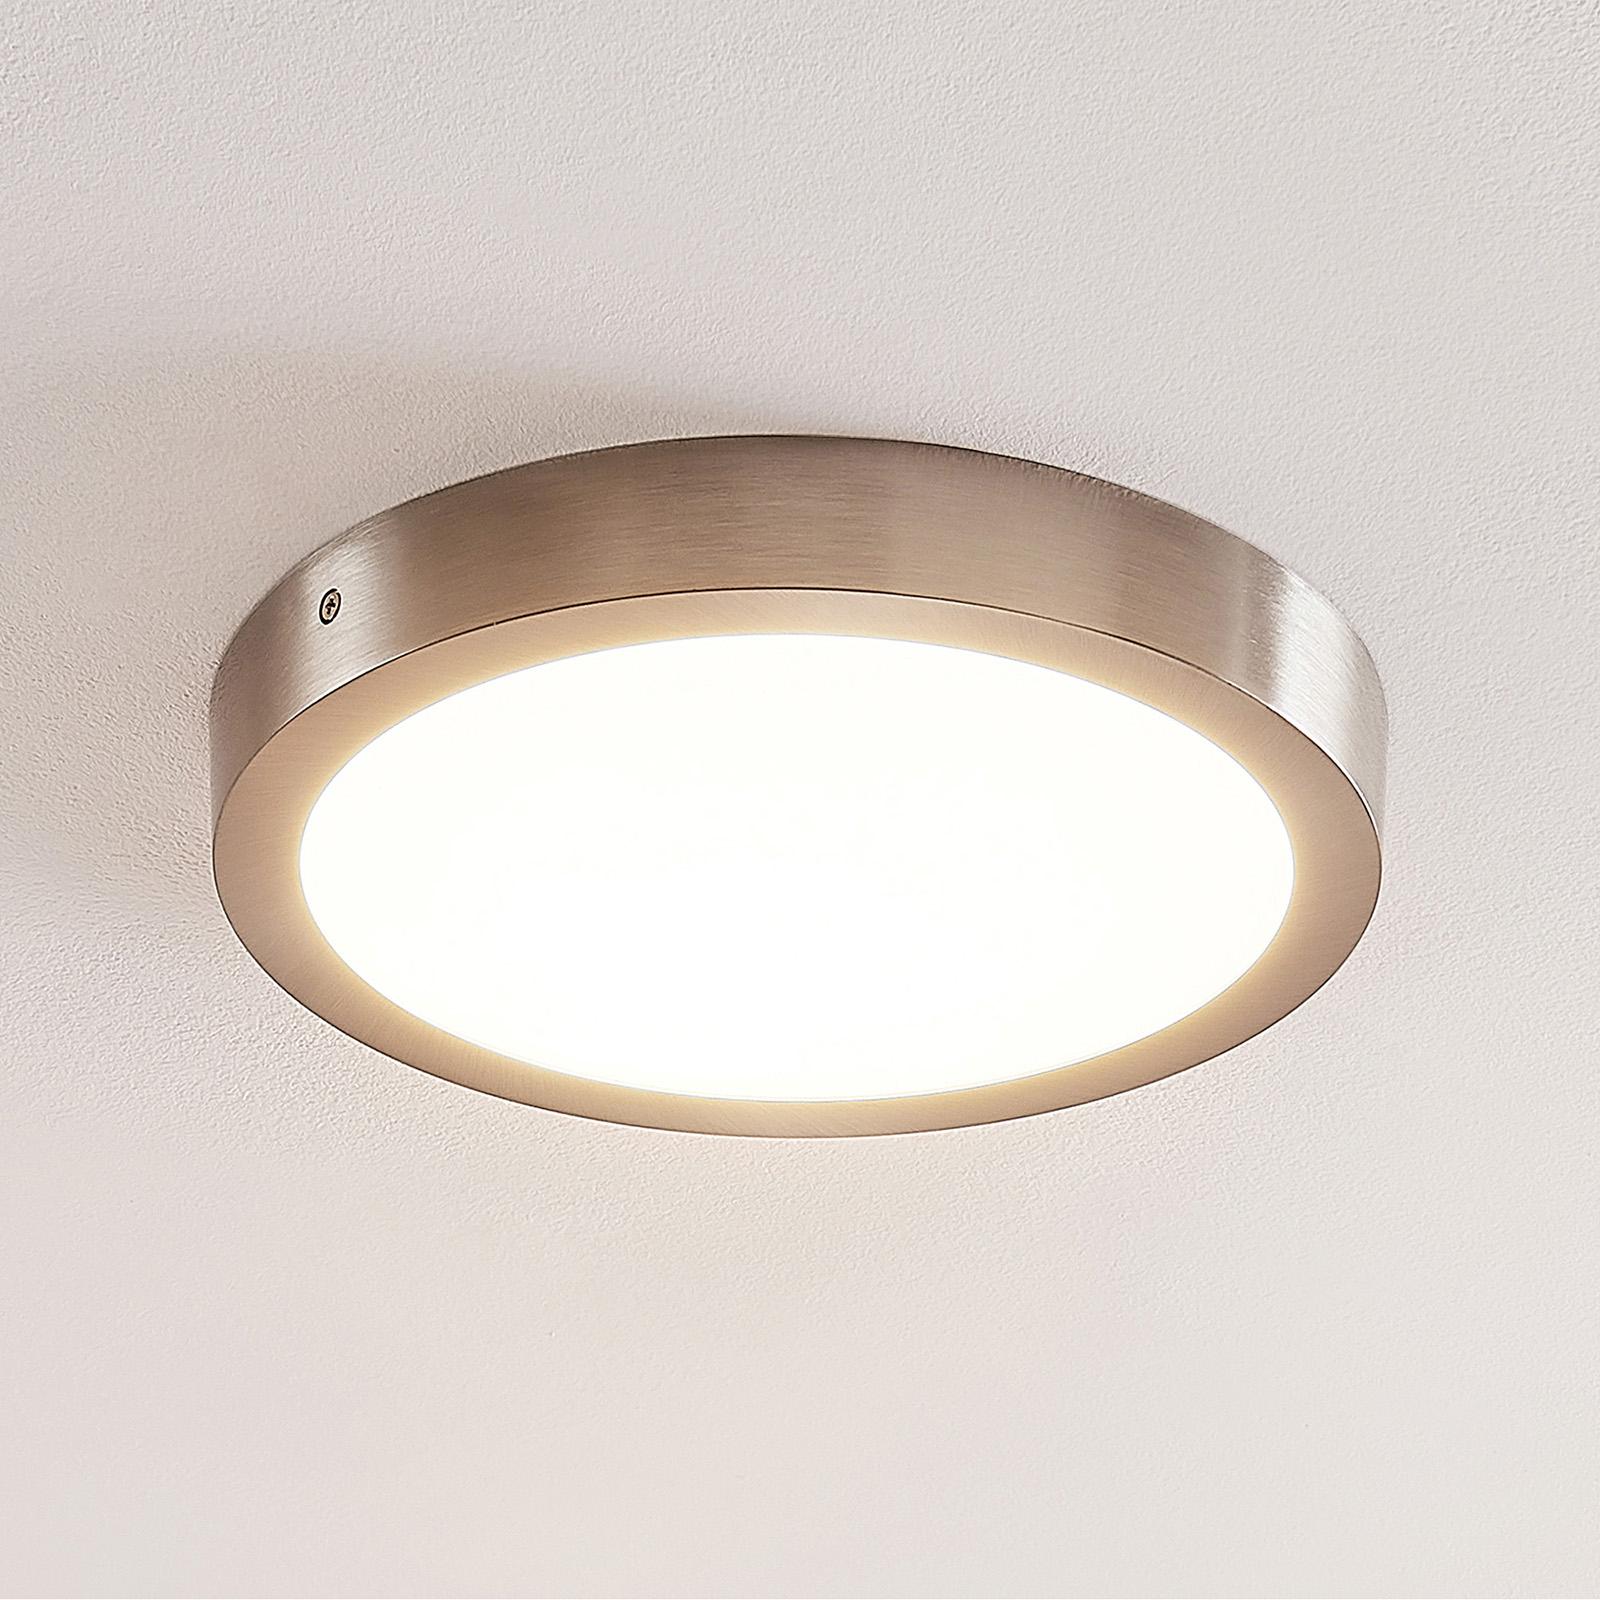 ELC Merina LED-Deckenleuchte nickel, 30cm